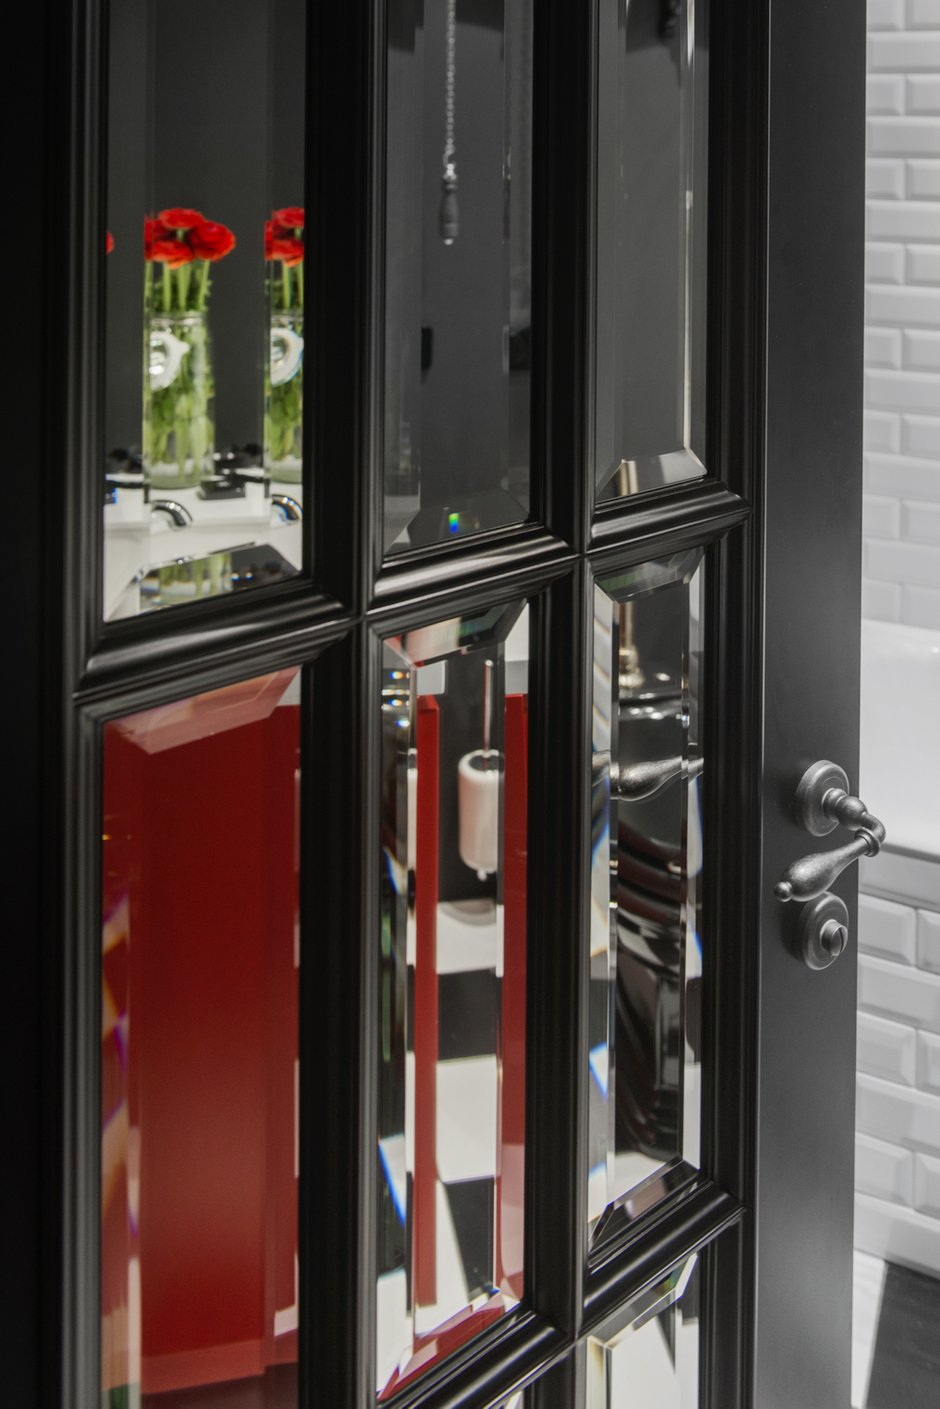 Фотография: Ванная в стиле Эклектика, Квартира, Проект недели, Москва, Кирпичный дом, 3 комнаты, 40-60 метров, Маша Кунякина – фото на INMYROOM